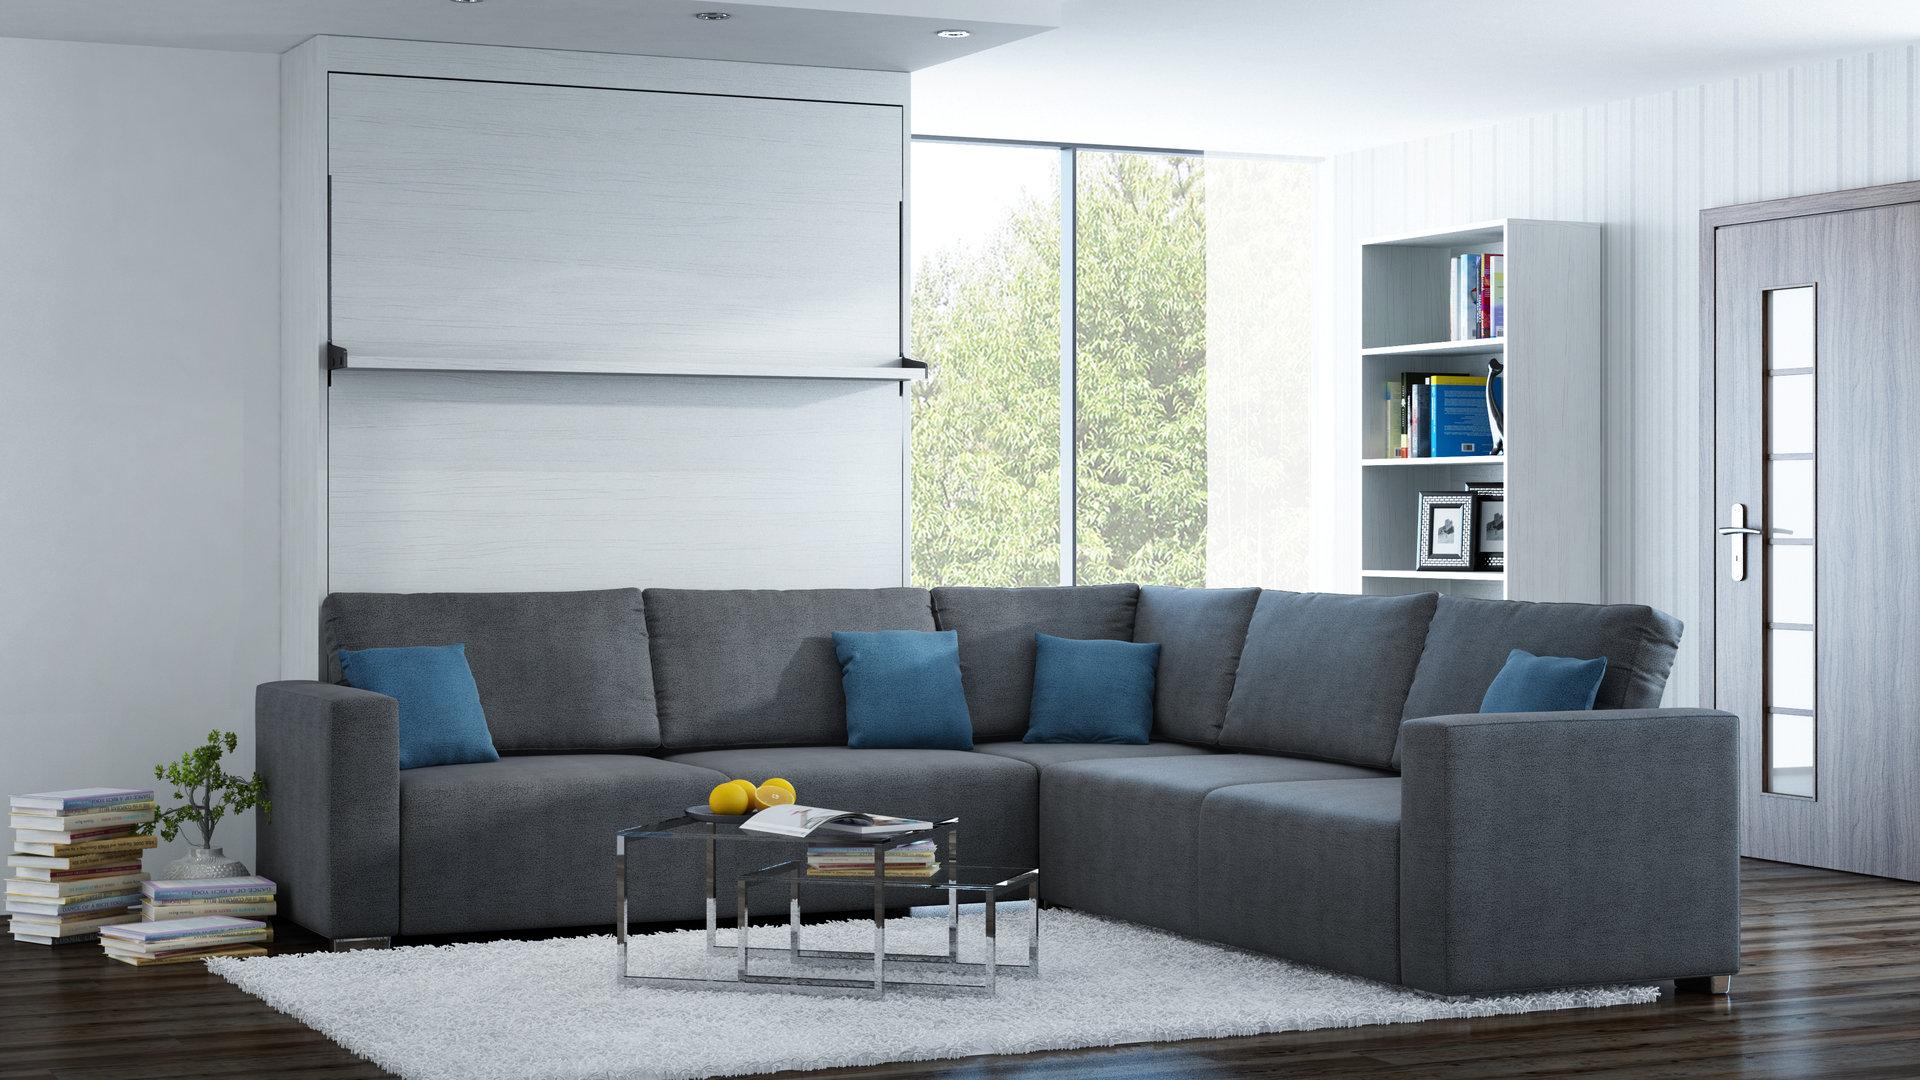 Brilliant Sofa Möbel Referenz Von Ts Möbel Wandbett Mit Ecke Leggio Linea